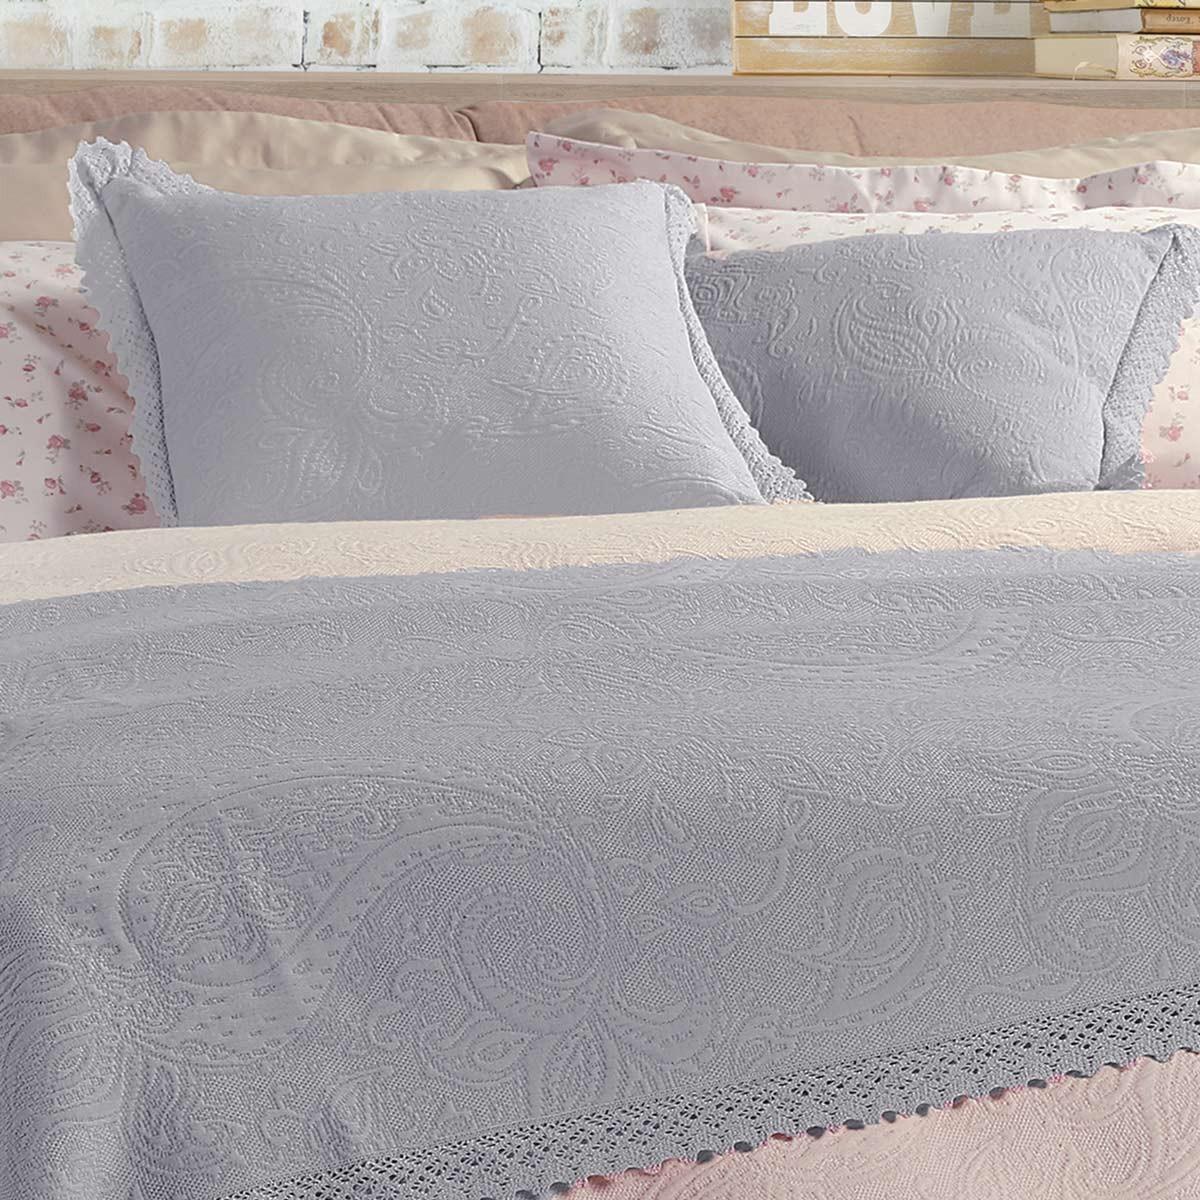 Διακοσμητικό Μαξιλάρι Nef-Nef Abigail Grey home   κρεβατοκάμαρα   διακοσμητικά μαξιλάρια